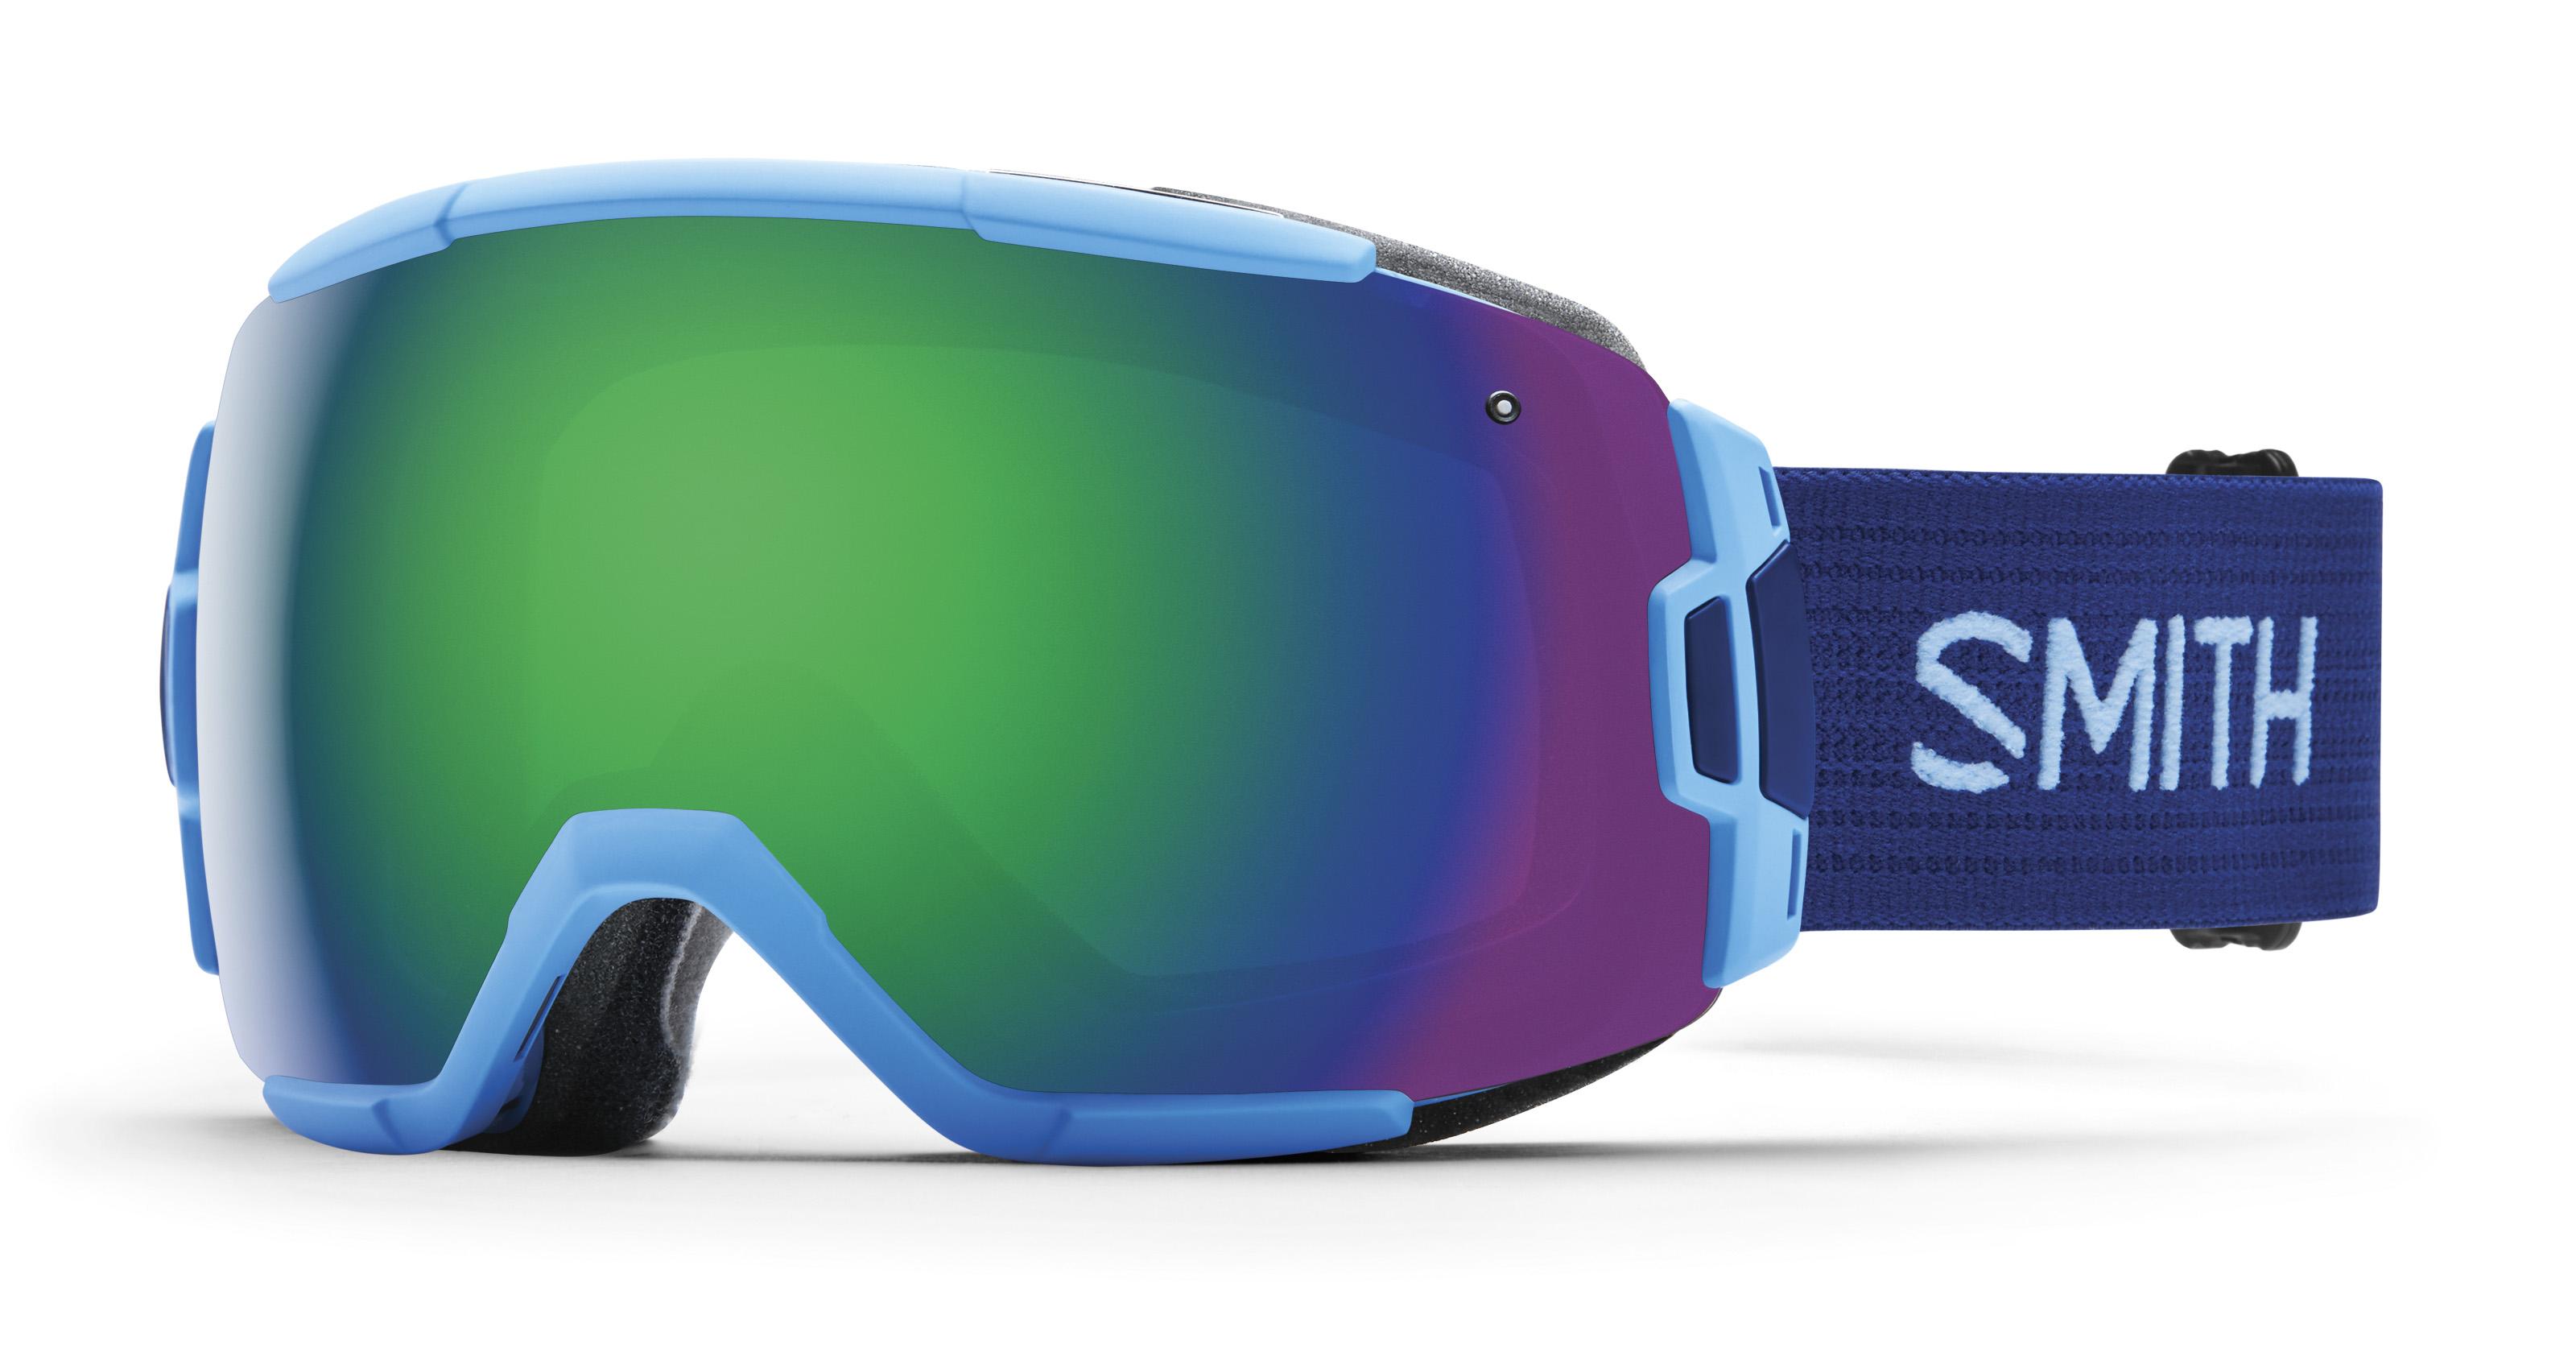 Smith Optics Vice Ski Goggles Snowboard Goggles Goggle